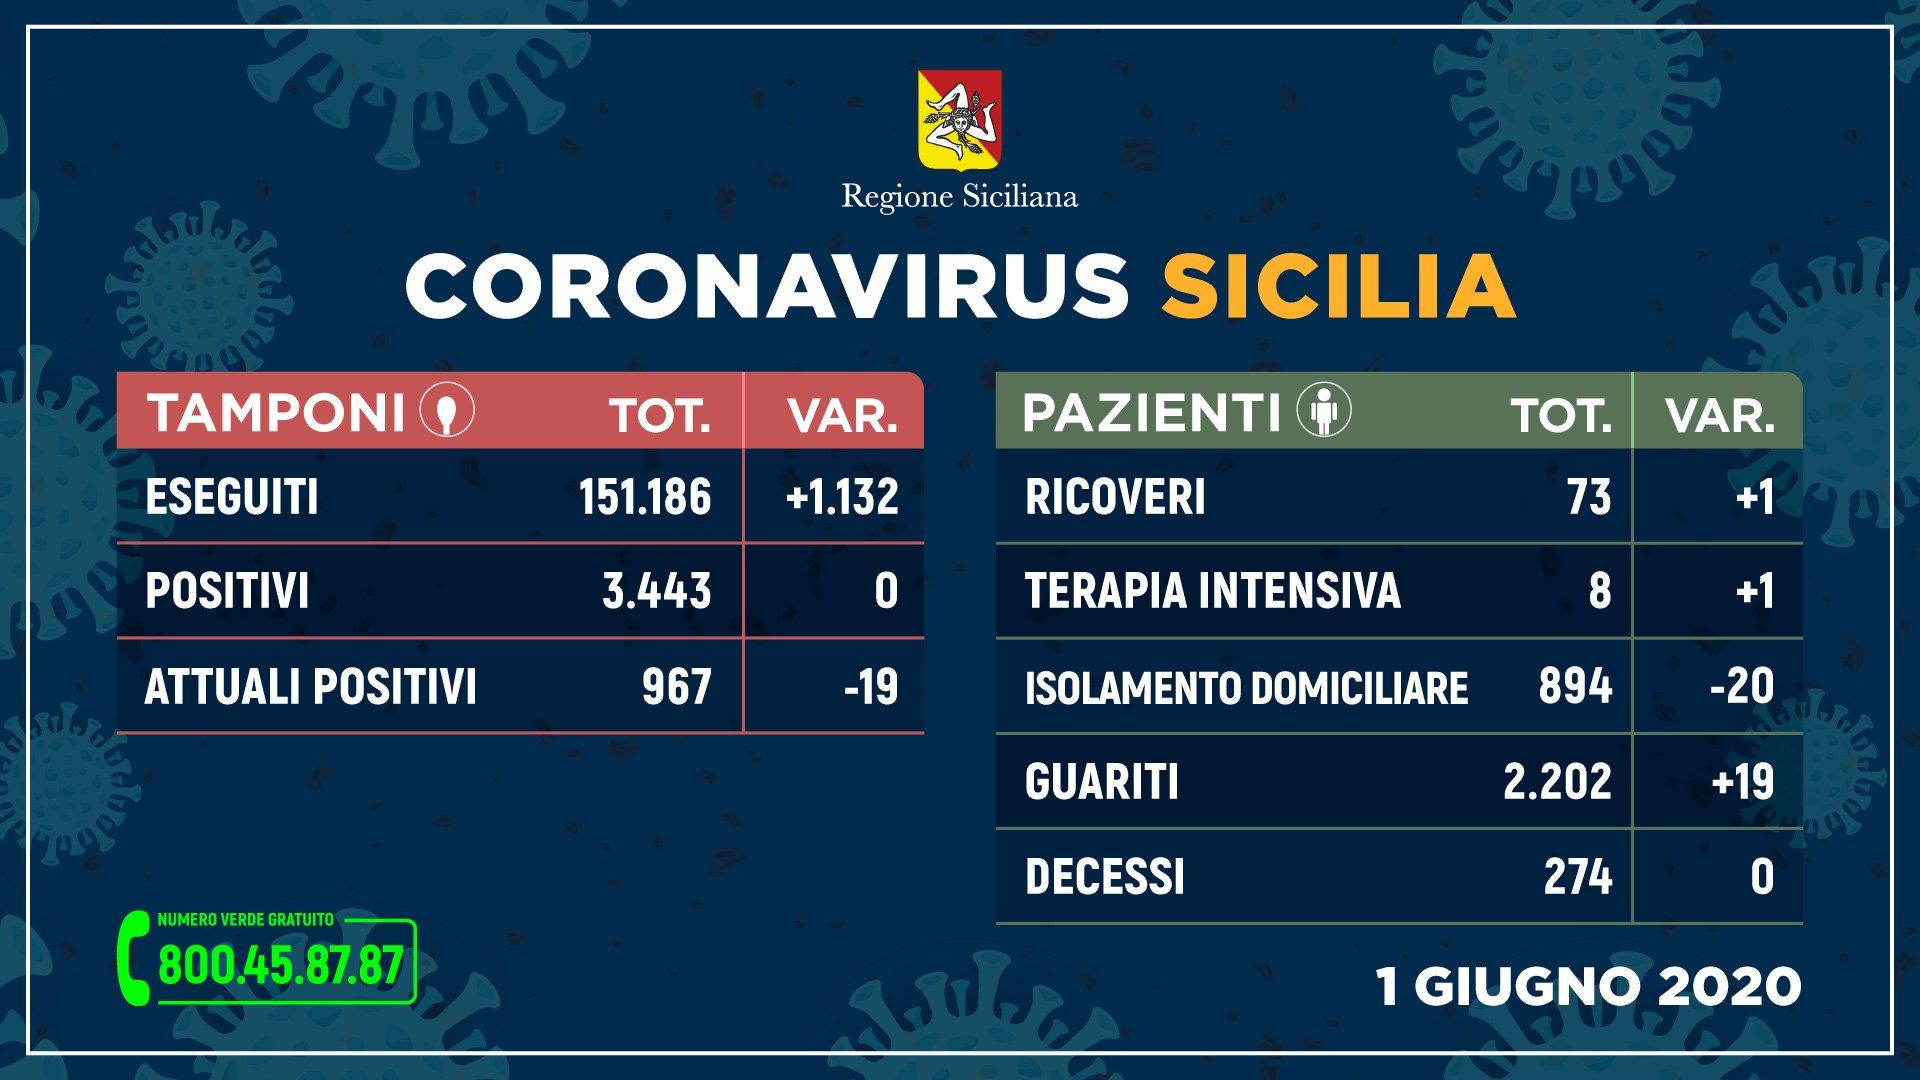 Coronavirus, contagi zero in Sicilia: nessun nuovo caso e nessuna vittima, salgono i guariti